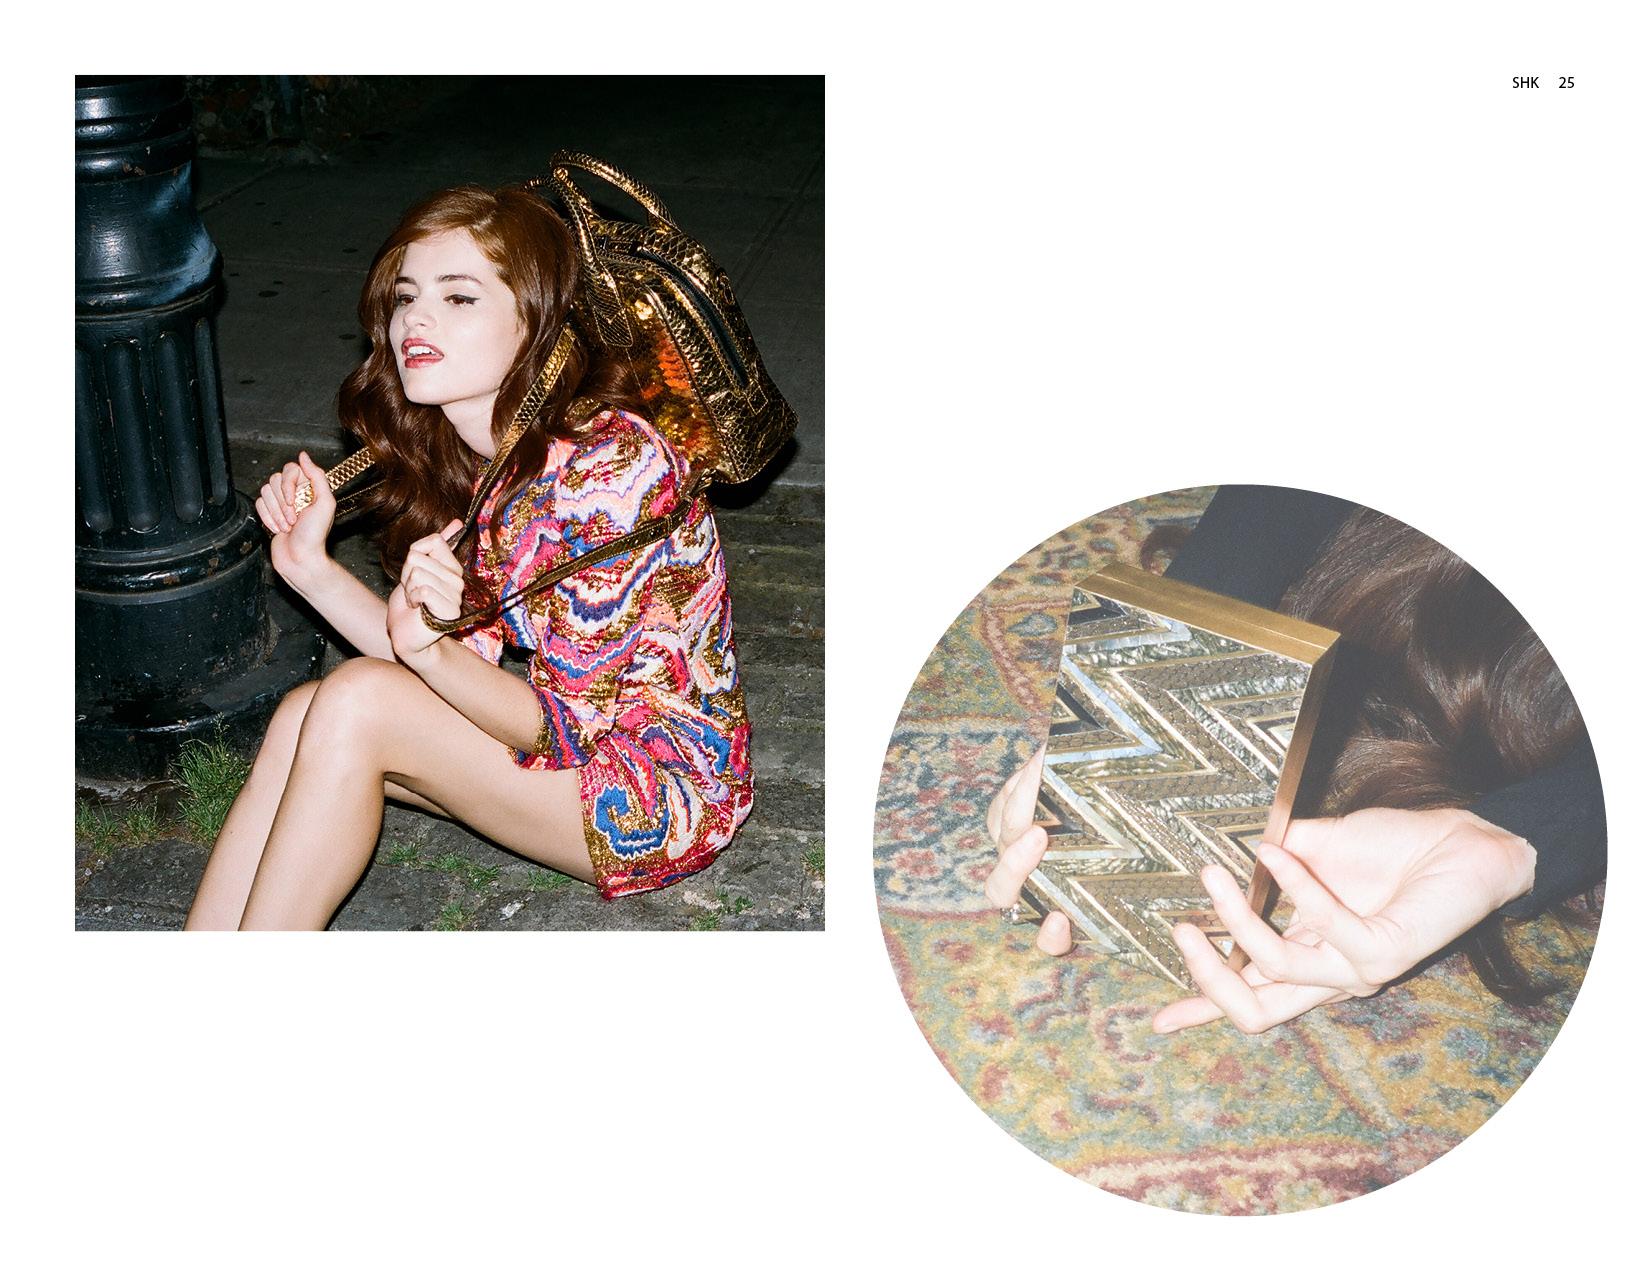 SHK-Summer-Issue-Summer-Needs-No-Explaination-201325.jpg